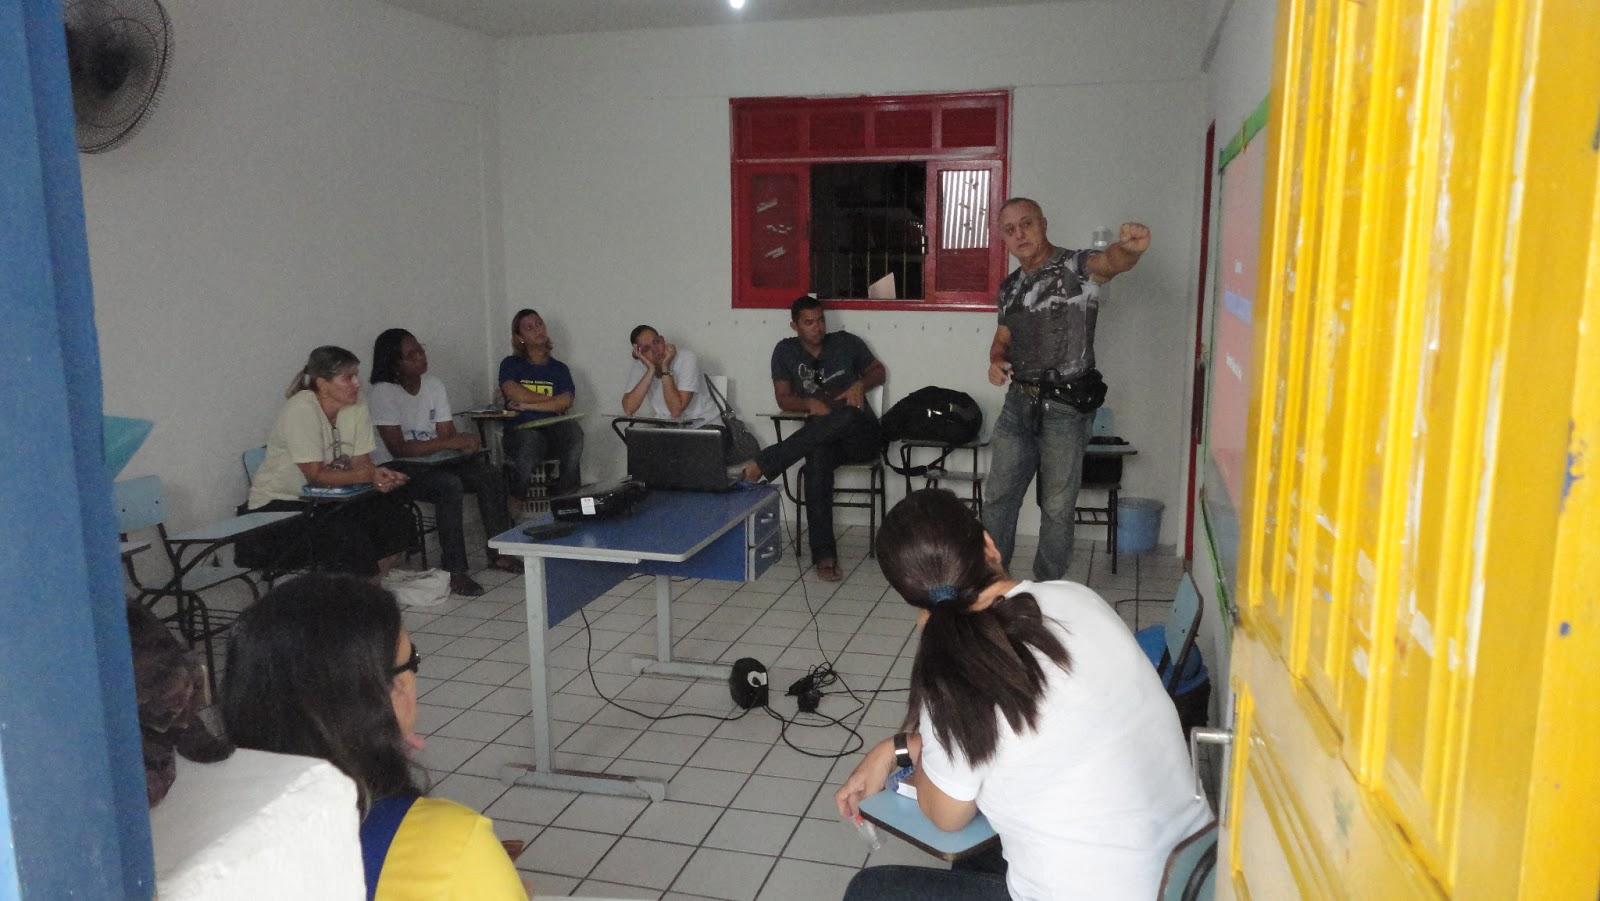 Foto Curso de Primeiros Socorros, ministrado pelo professor Hélio Simões, na semana pedagógica da Escola Nossa Senhora do Carmo, em janeiro de 2013